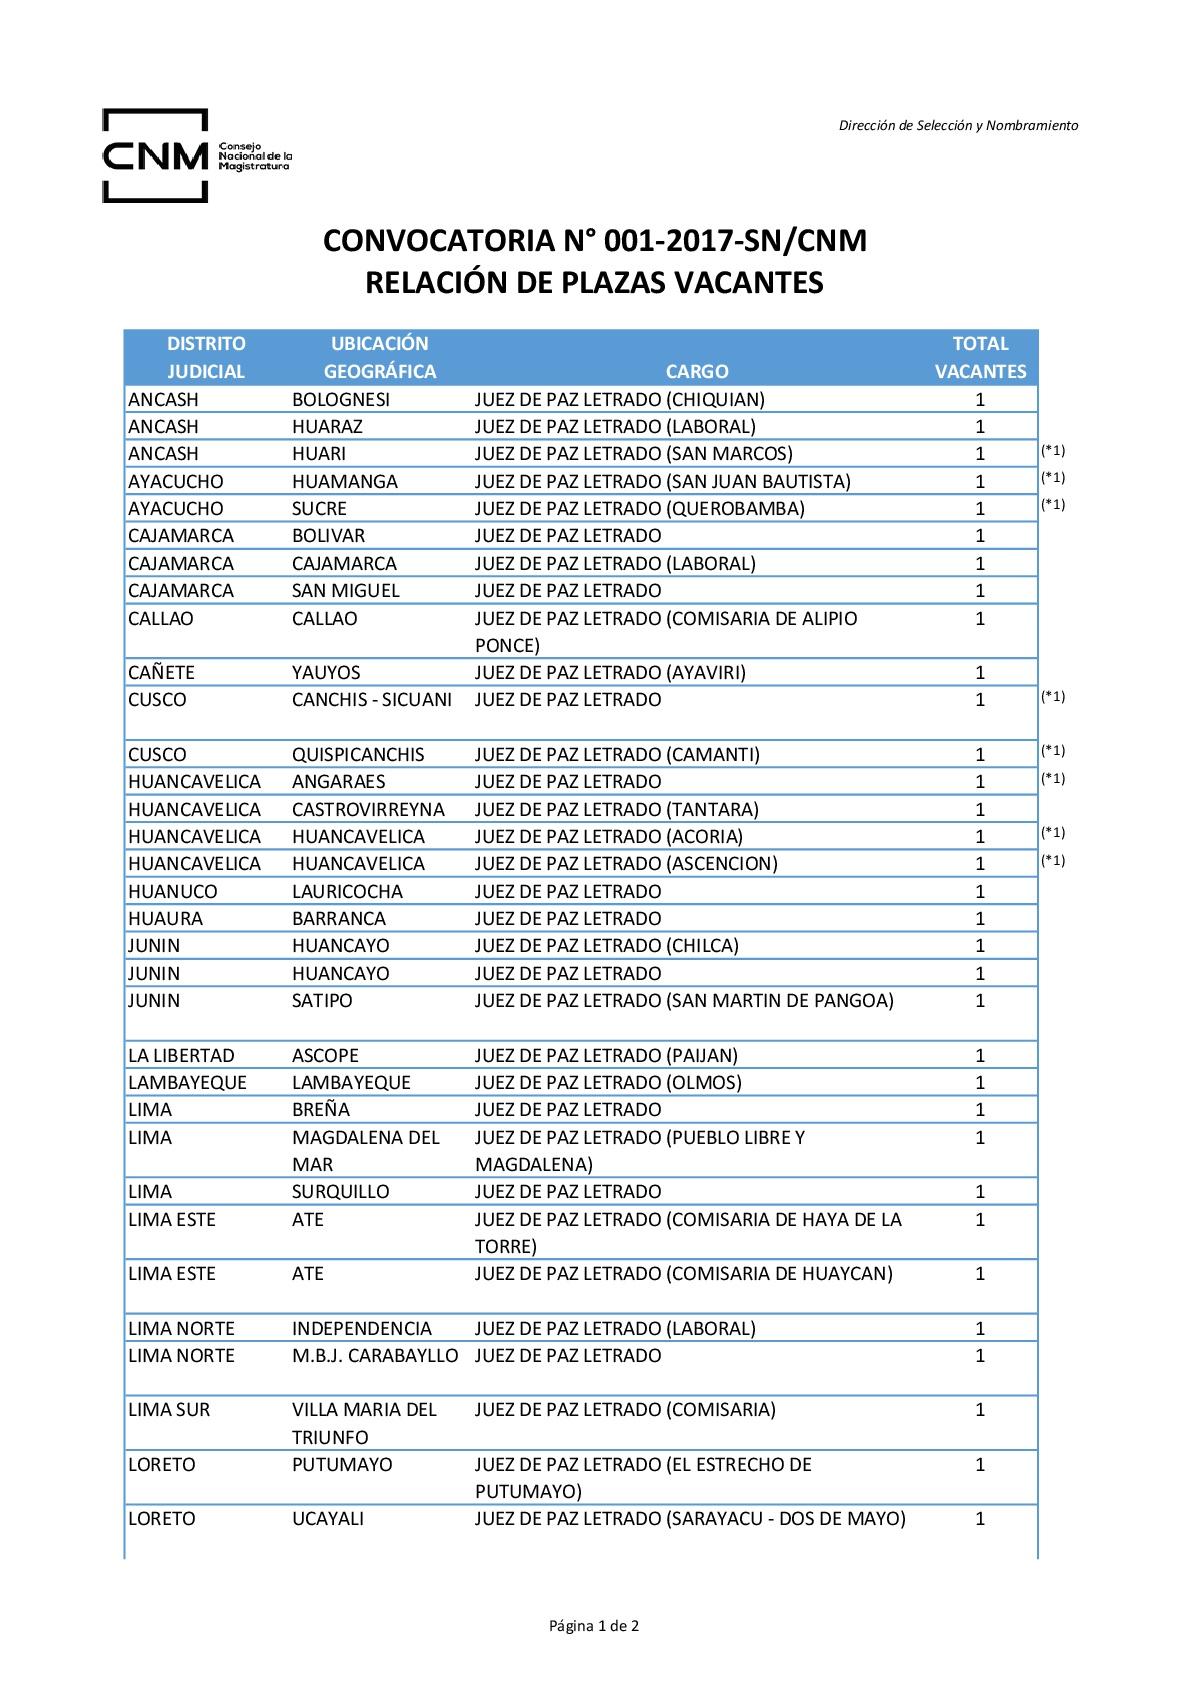 Plazas-001-2017-001